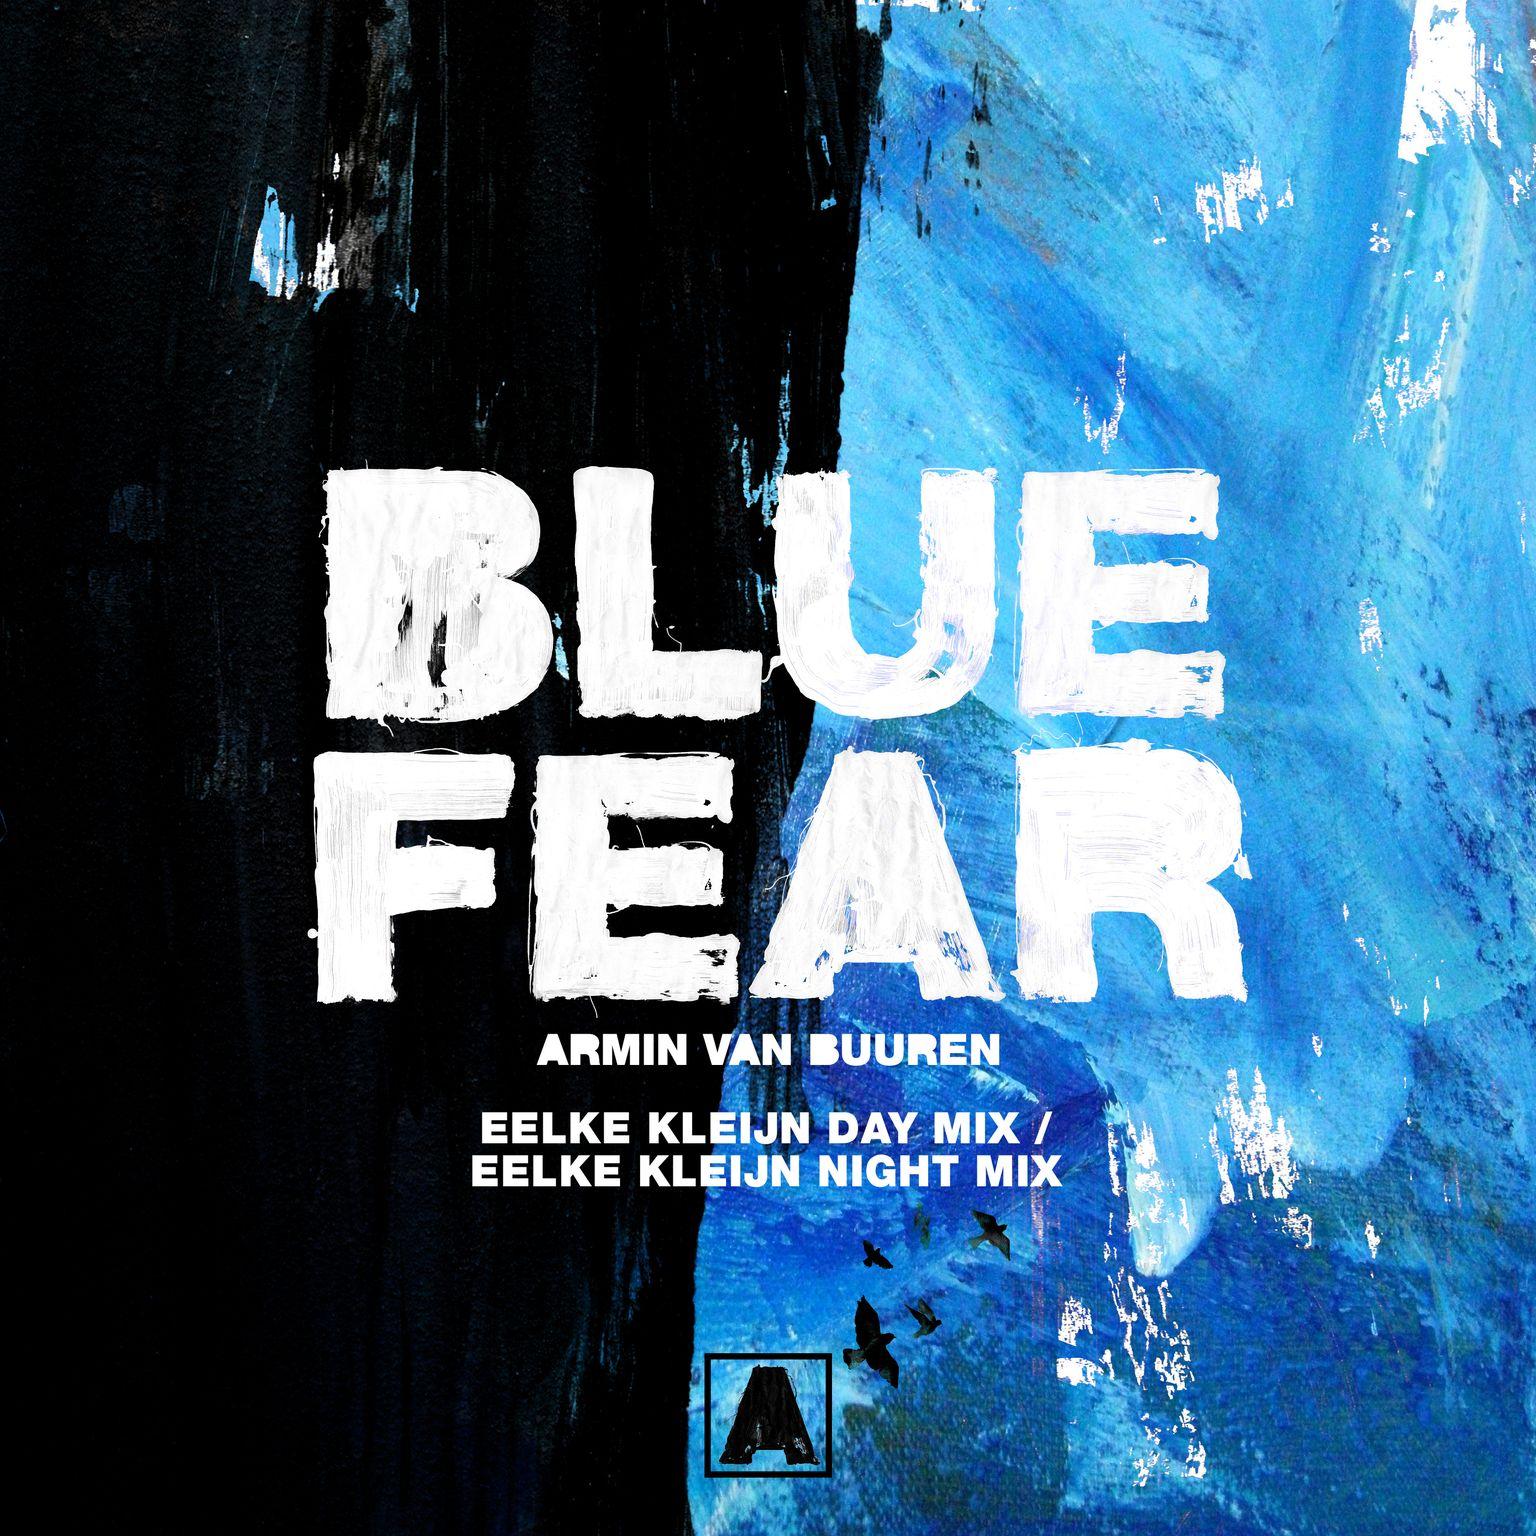 ARMIN VAN BUUREN-Blue Fear (Eelke Kleijn Remixes)